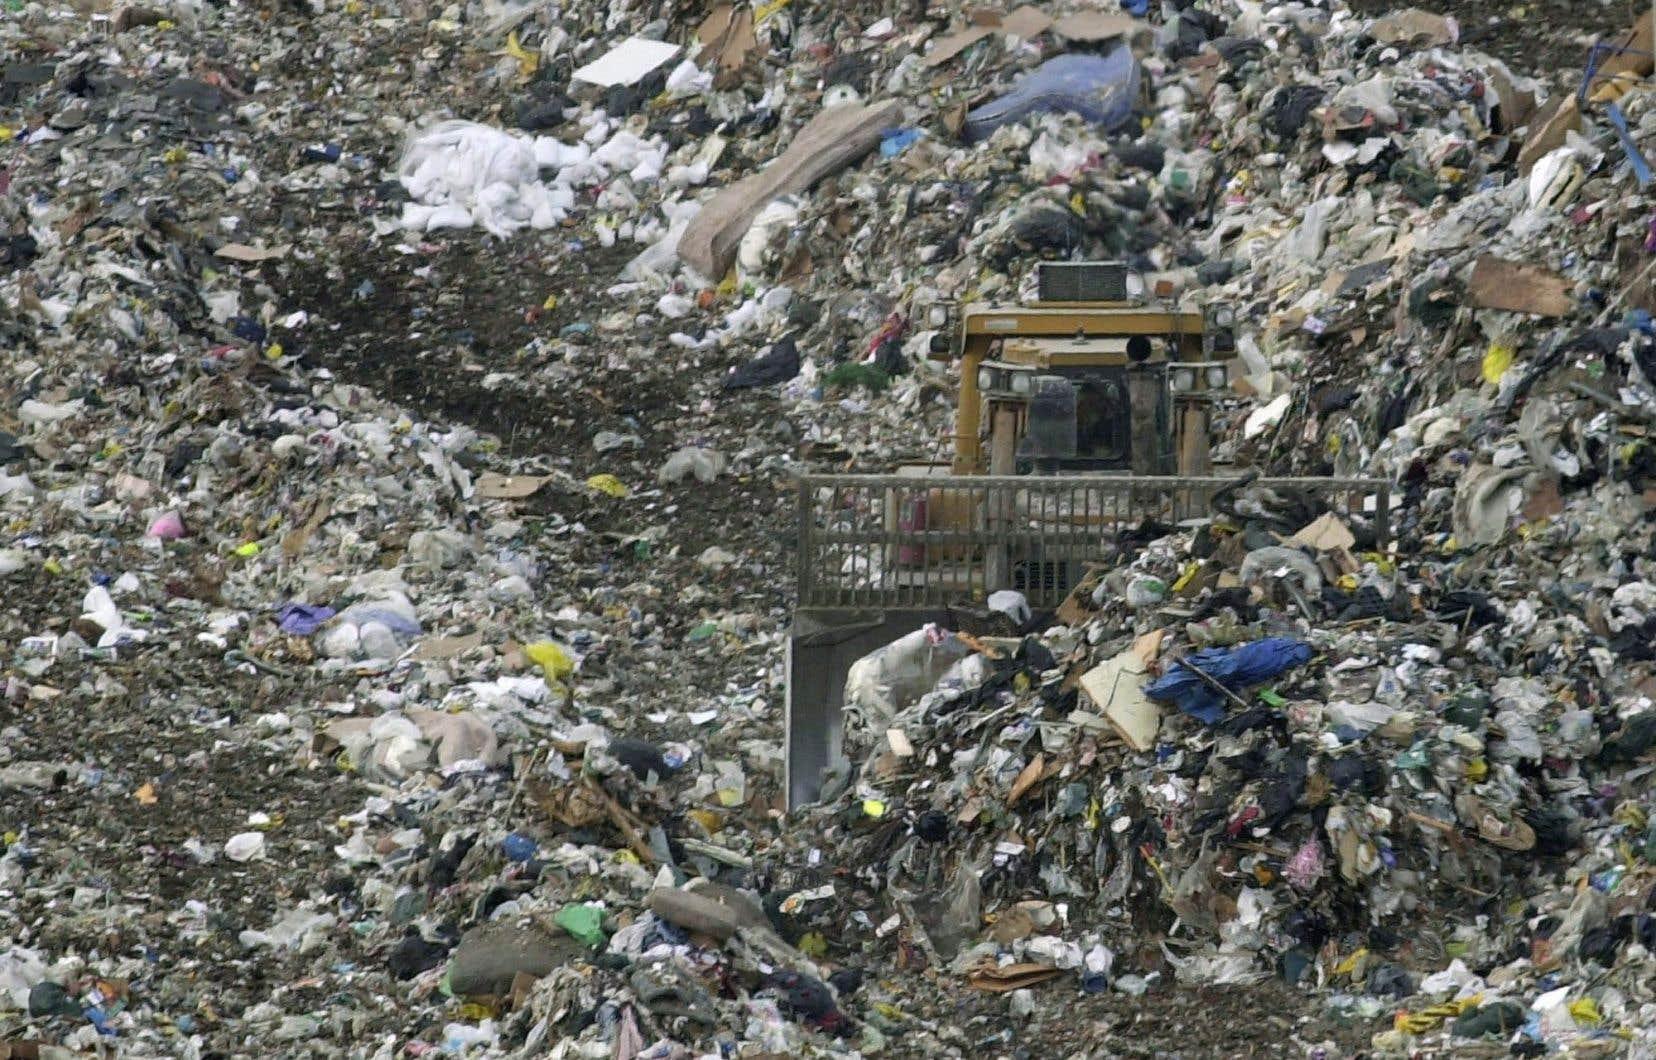 Le volume de déchets alimentaires et de résidus du jardin a largement augmenté de 2002 à 2012, passant de 230 kilogrammes par personne à près de 300.